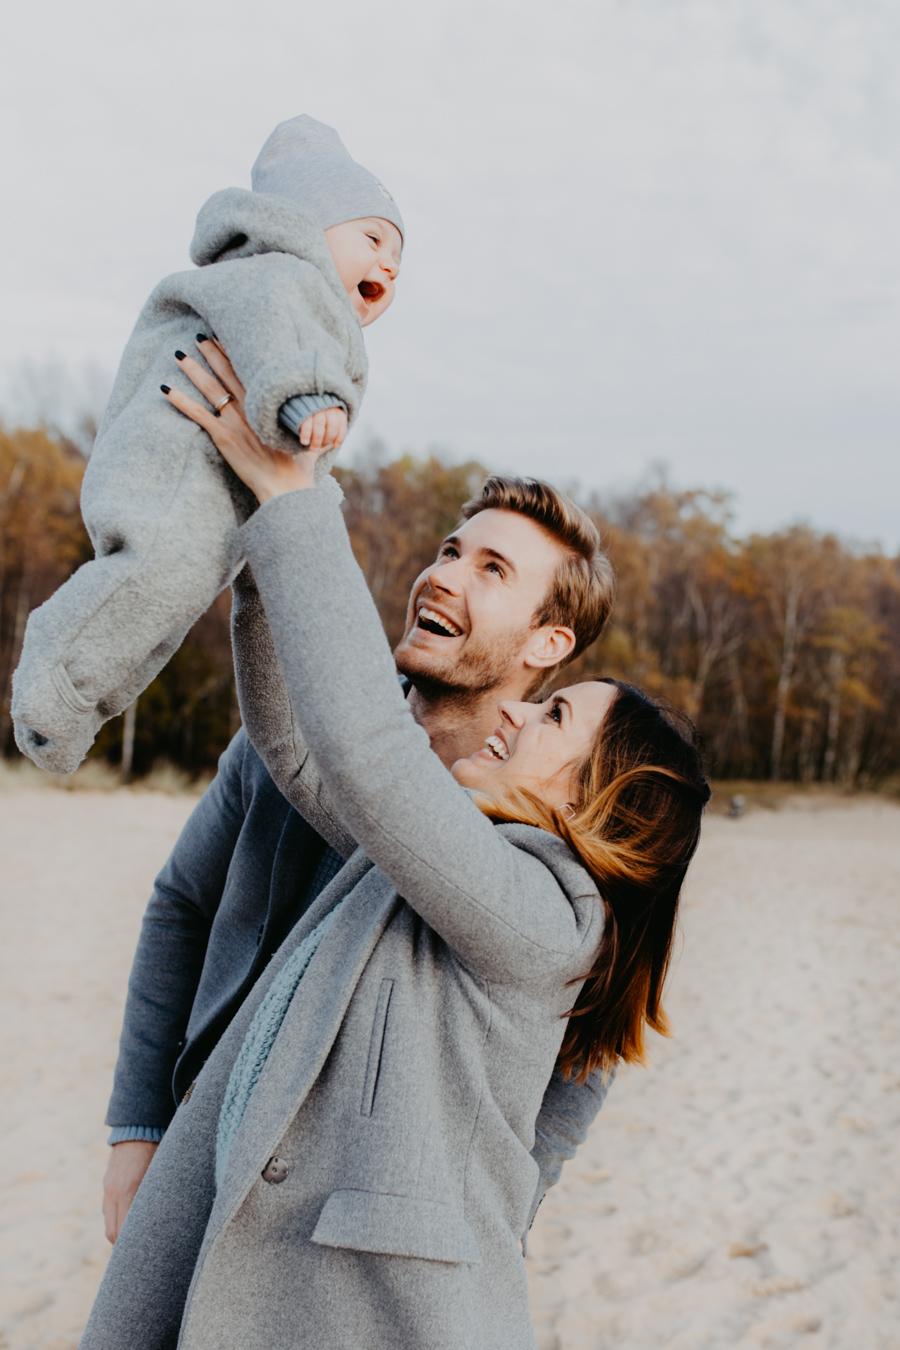 Fotograf für Familienfotos in Hamburg mit Baby